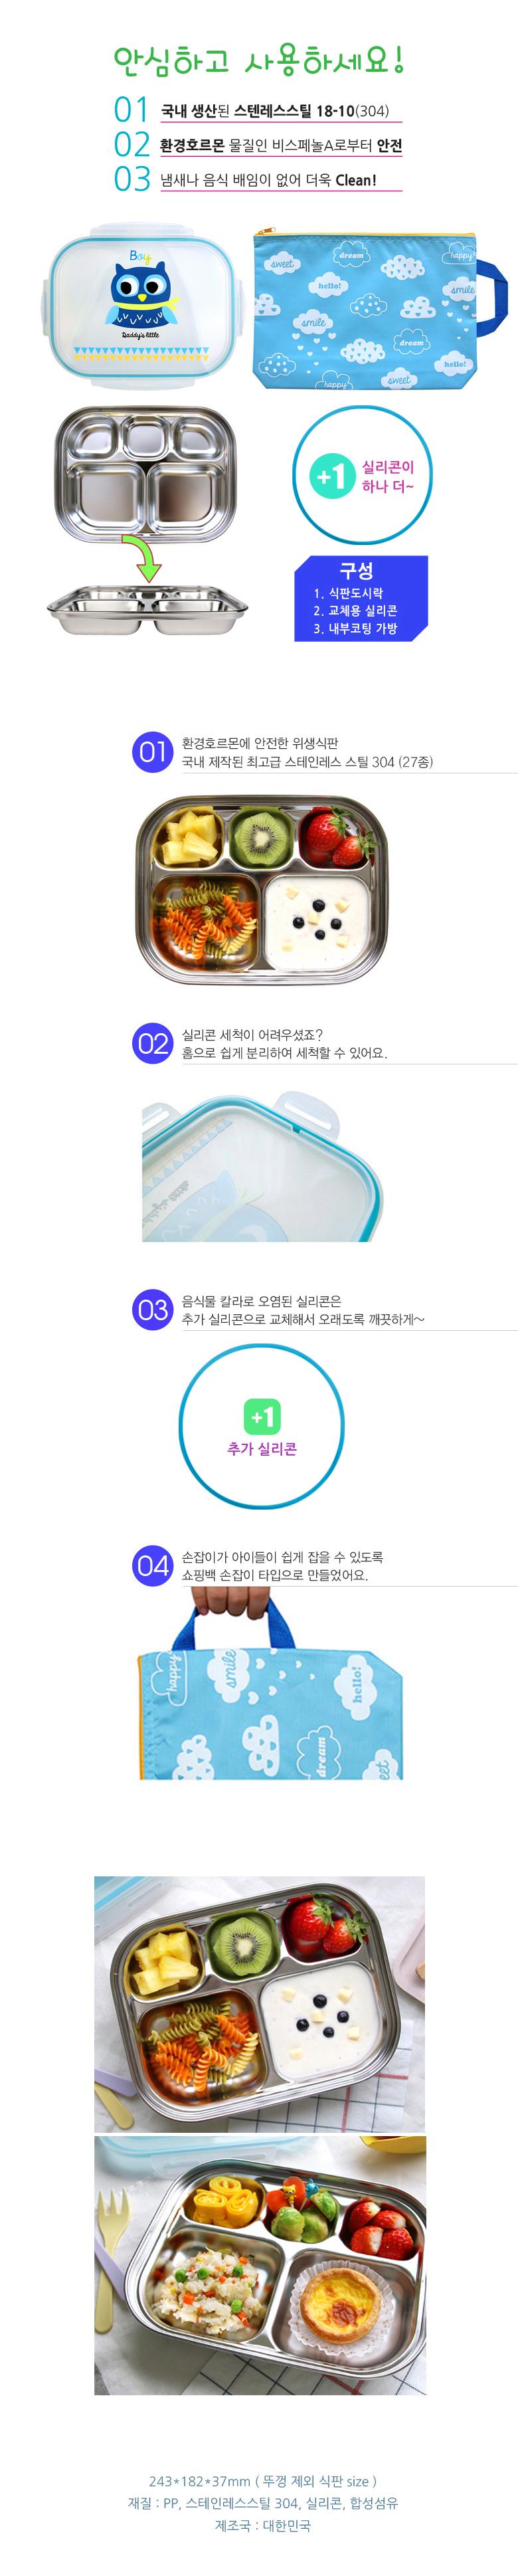 얼집 가방스텐식판도시락+고무패킹_부엉이 - 올리브티, 12,200원, 나눔접시/식판, 식판